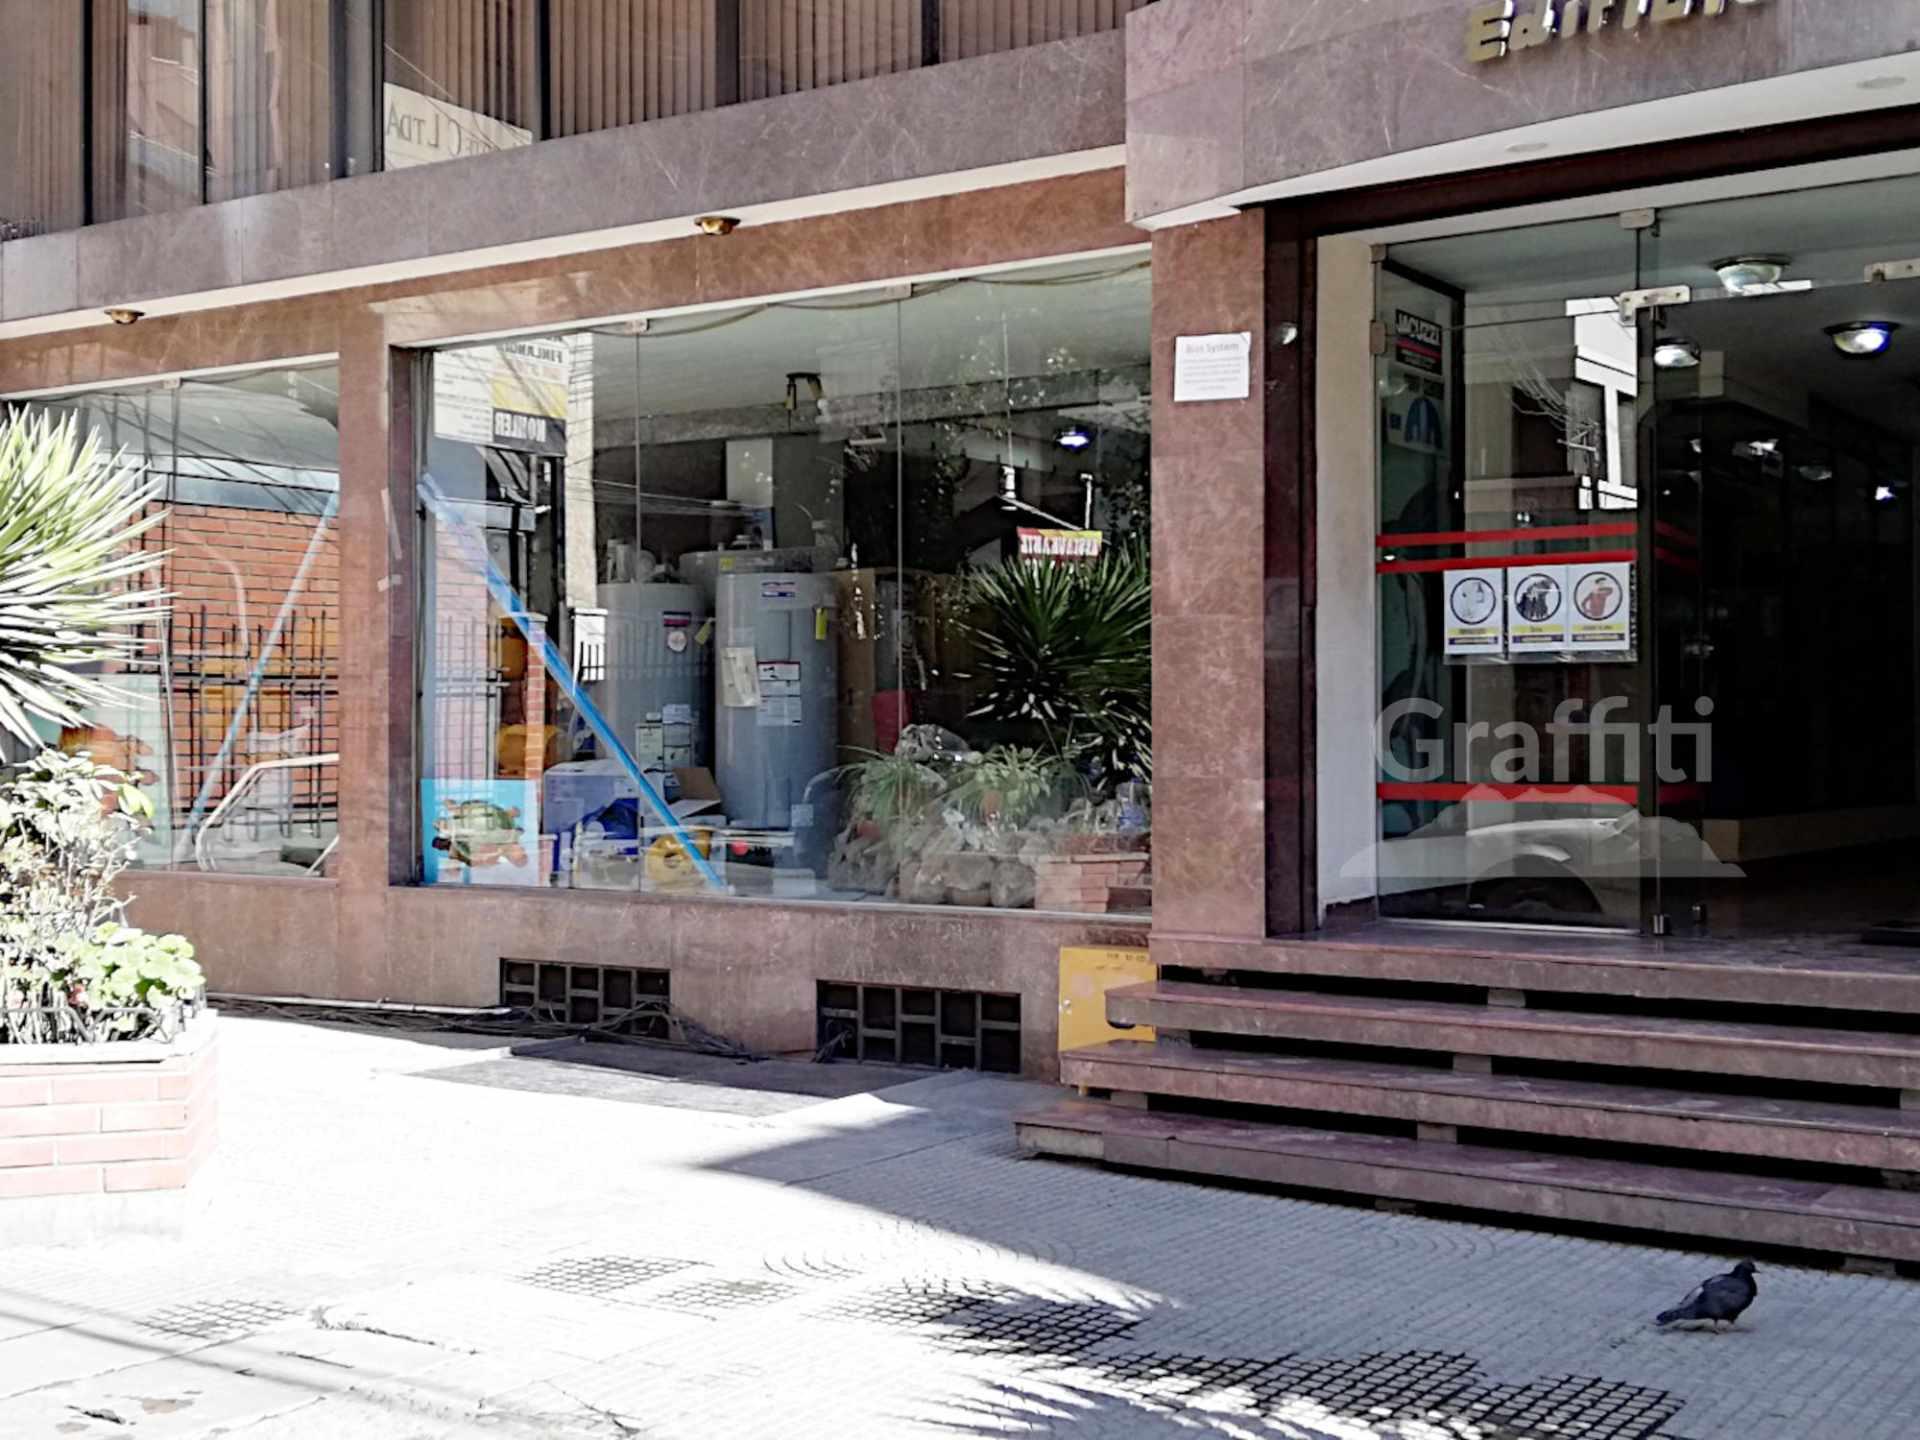 Local comercial en Venta Av. Belisario Salinas. Foto 1